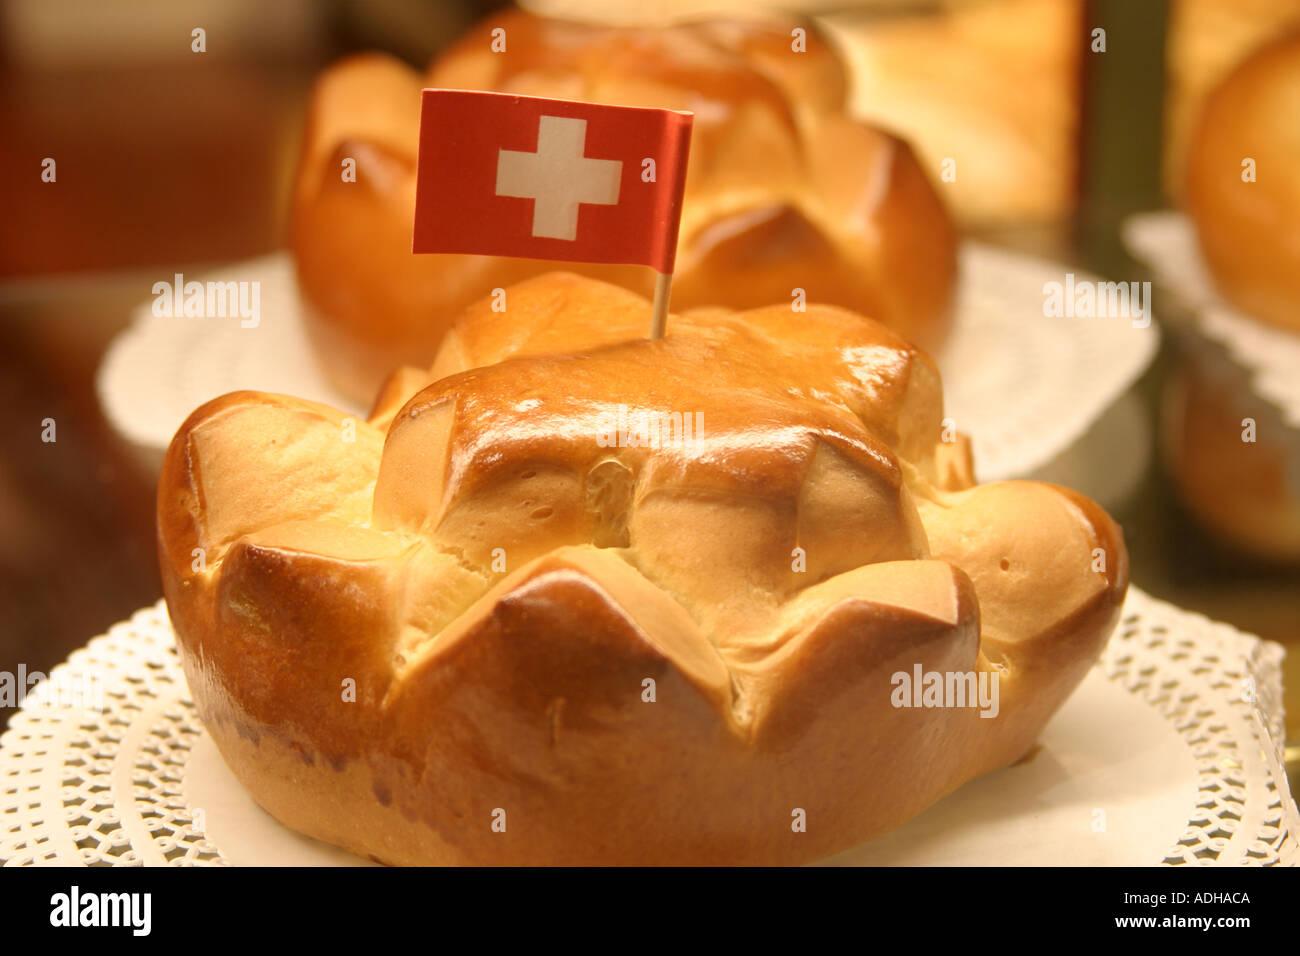 Suisse Zurich 1 Août fête nationale de pâtisserie confiserie Spruengli avec  drapeau suisse